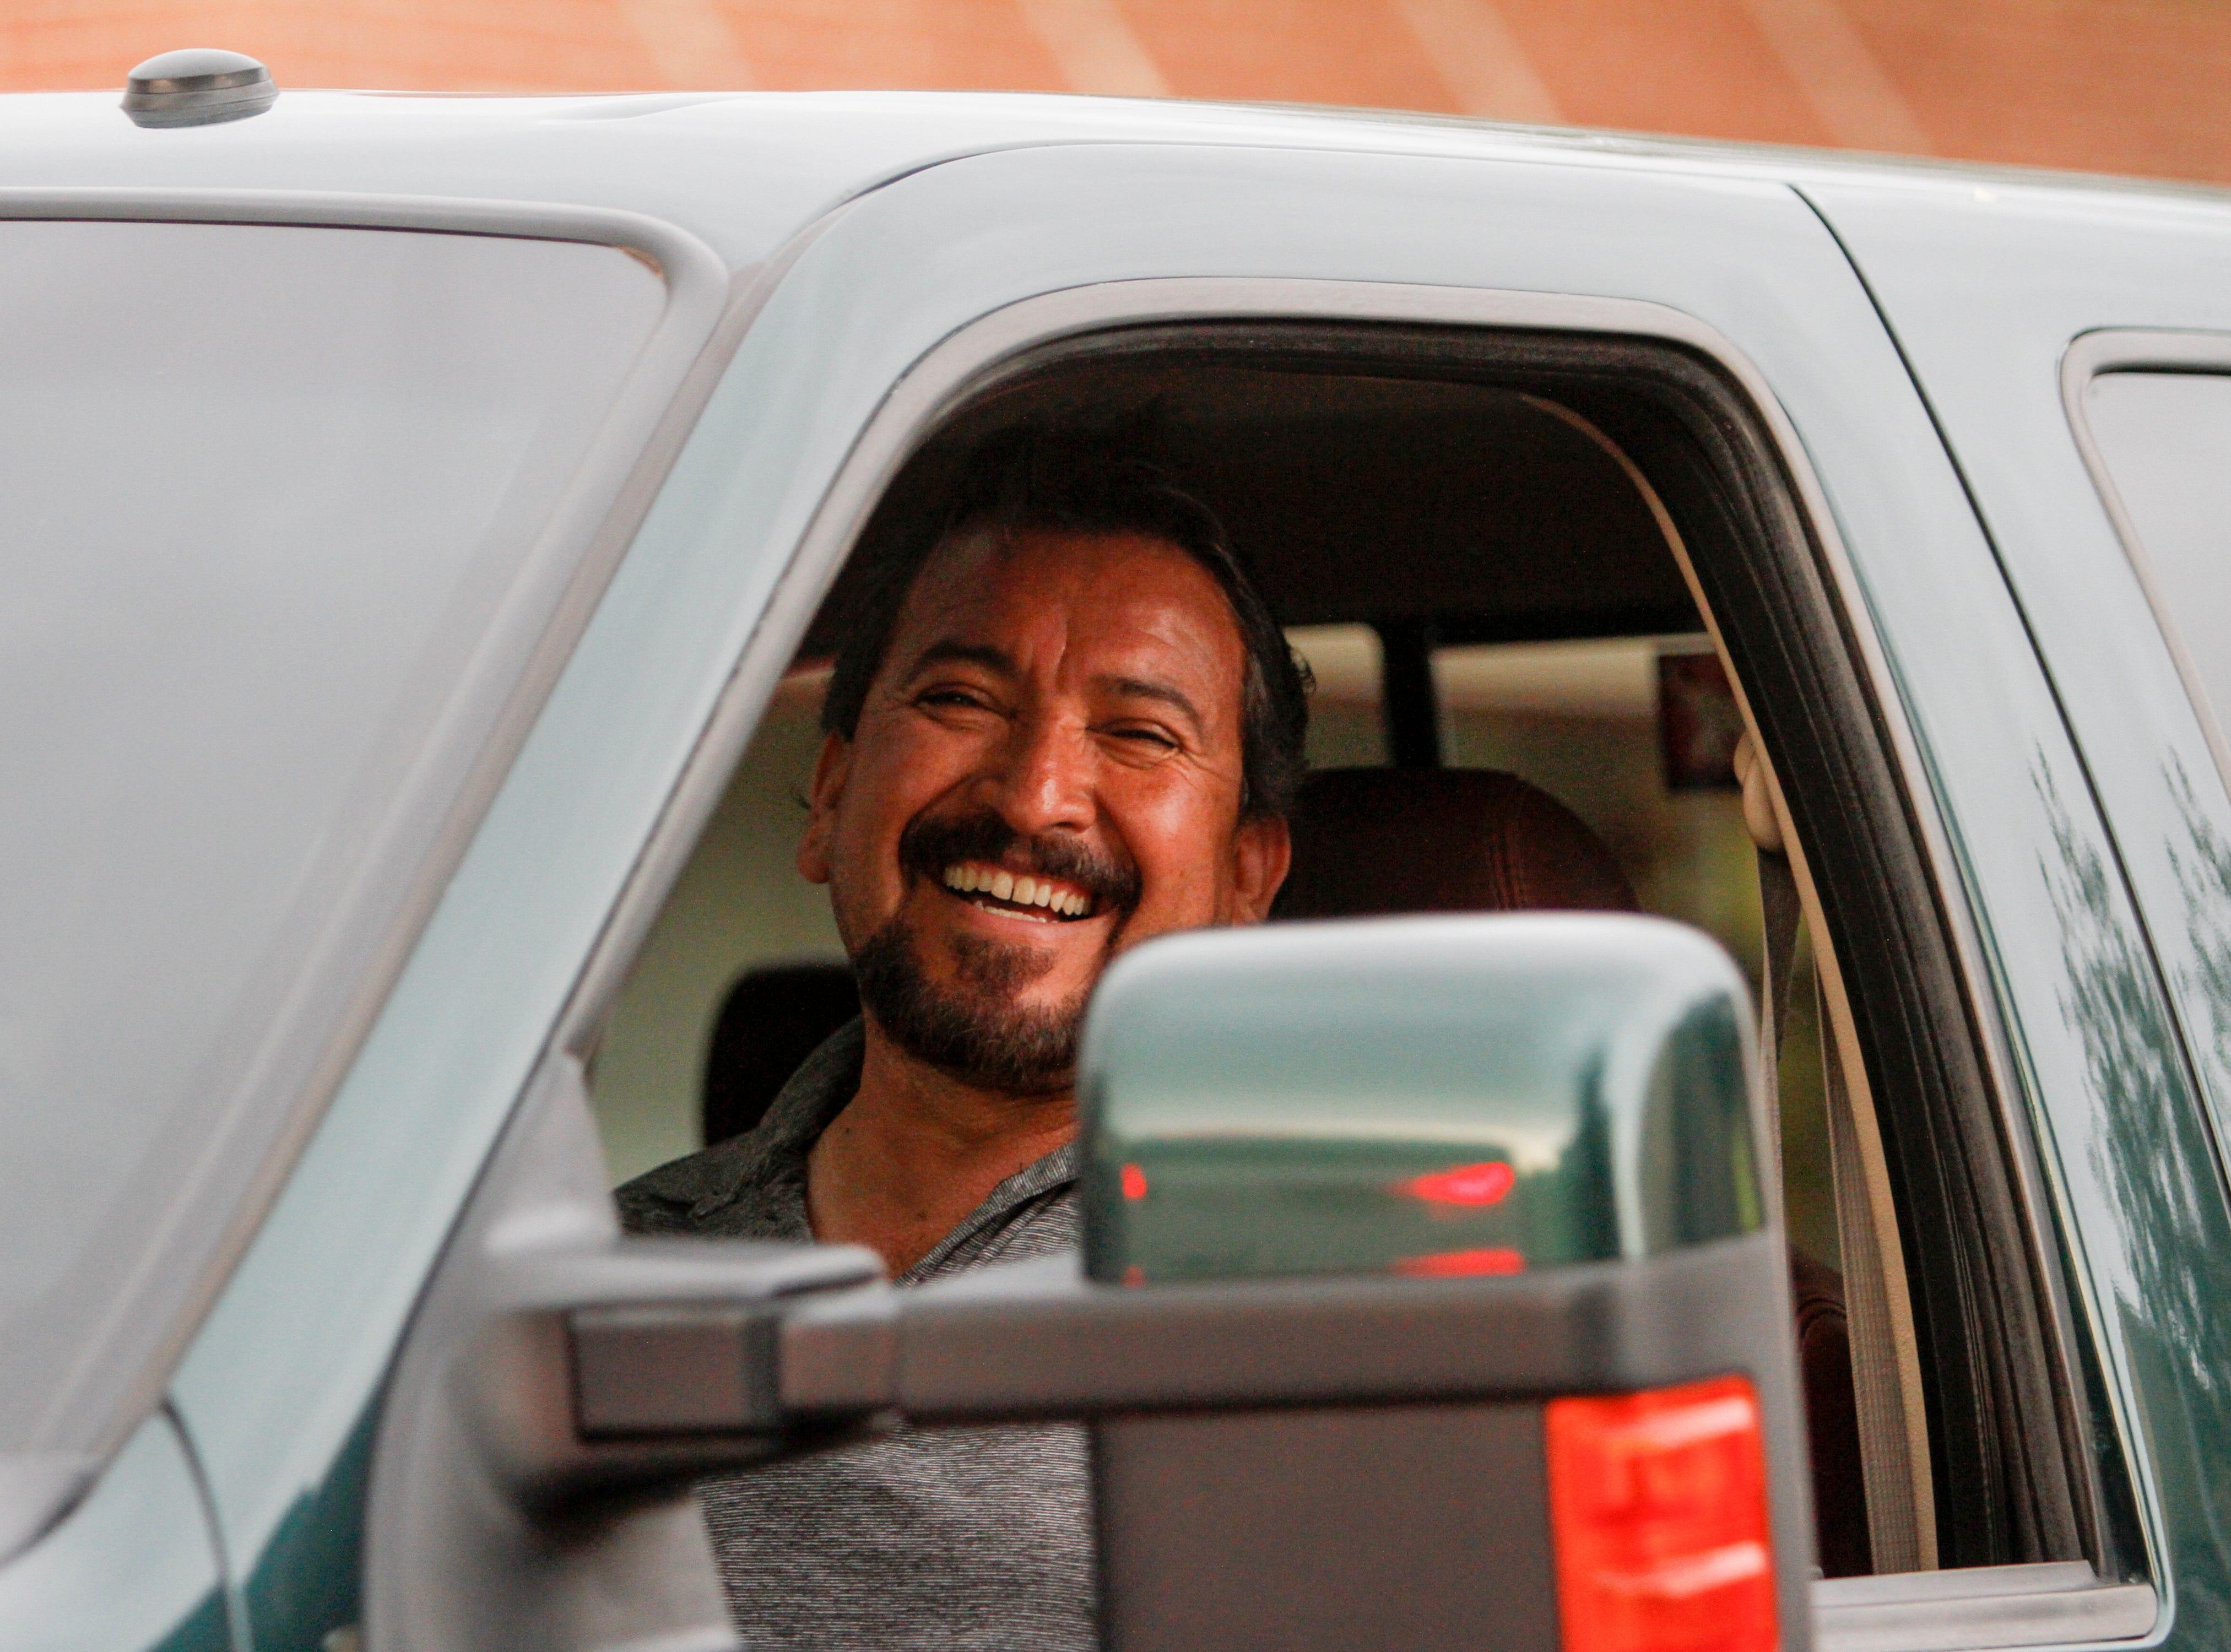 San Juan County Republican Party member Hector Rangel drives along the parade route, Friday, Aug. 10, 2018 during the San Juan County Fair Parade on Main Street in Farmington.